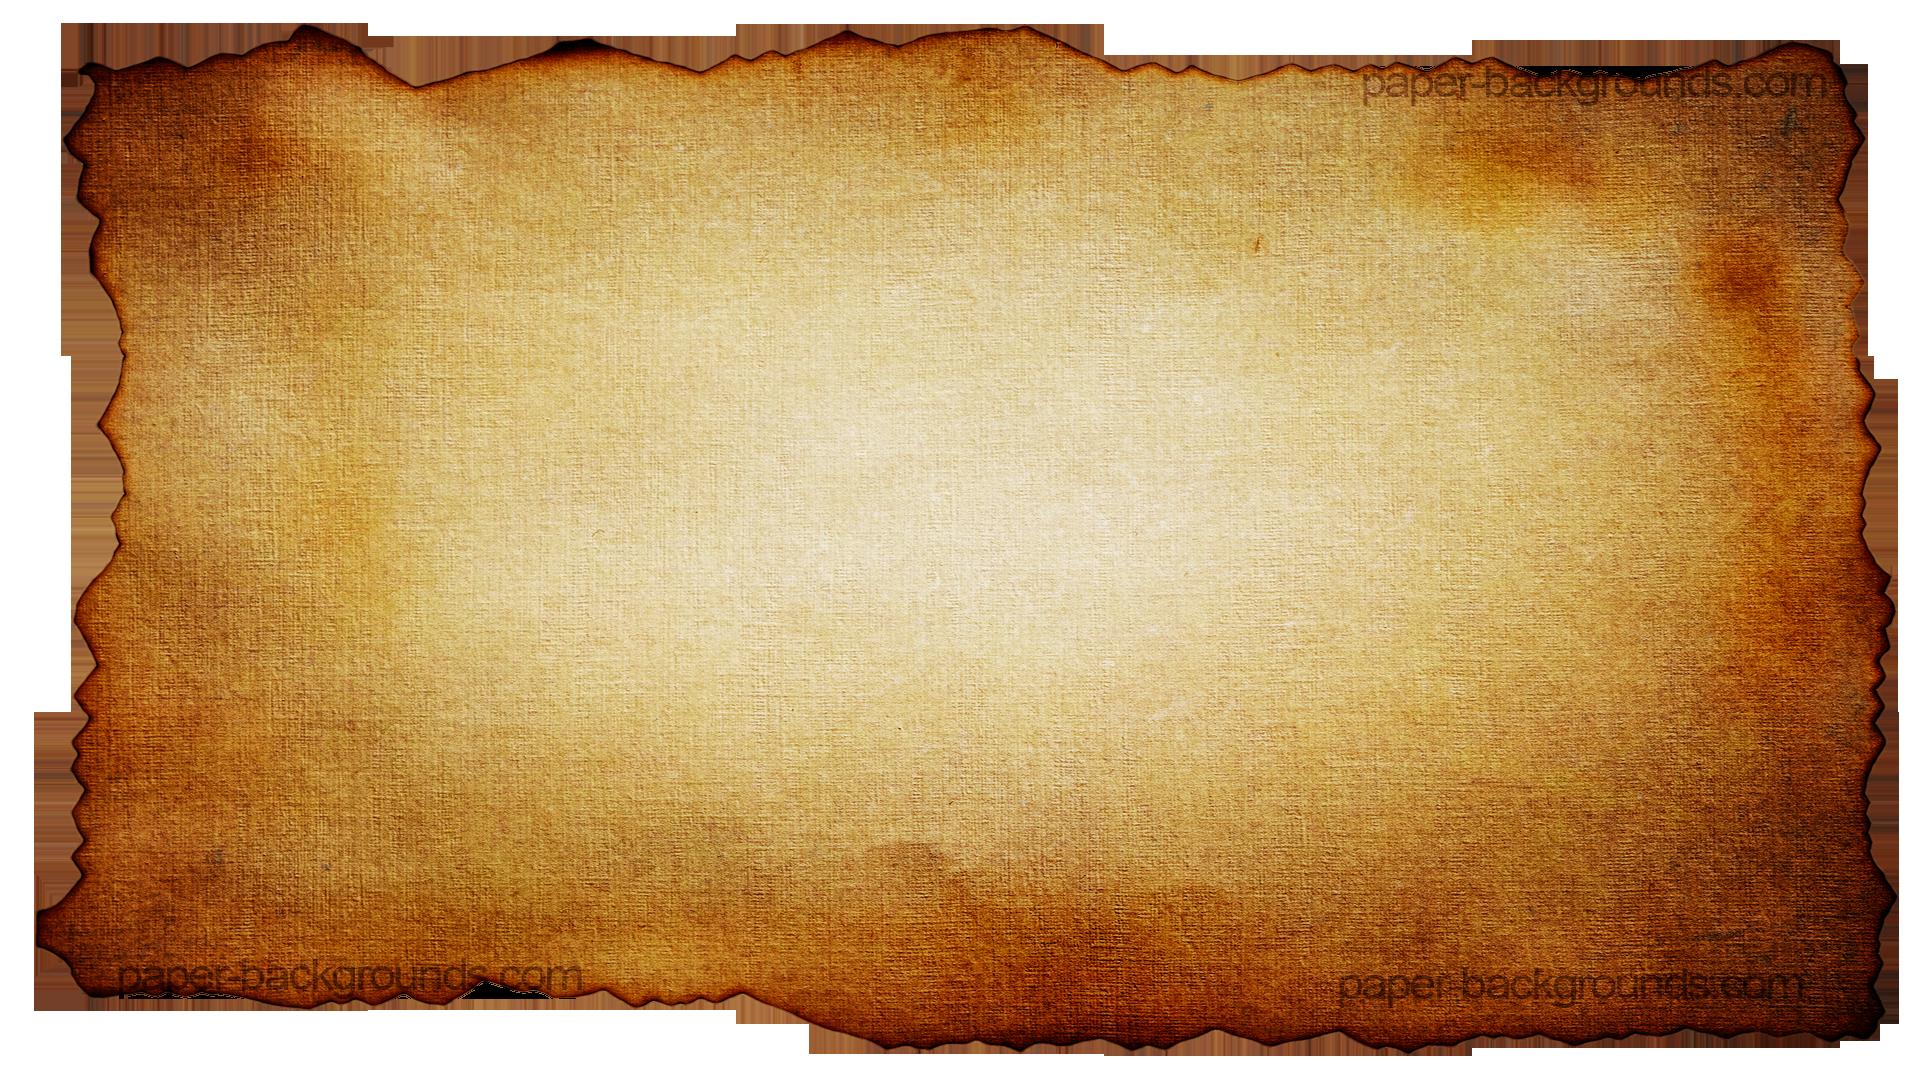 13 Burnt Parchment Paper Texture PSD Images